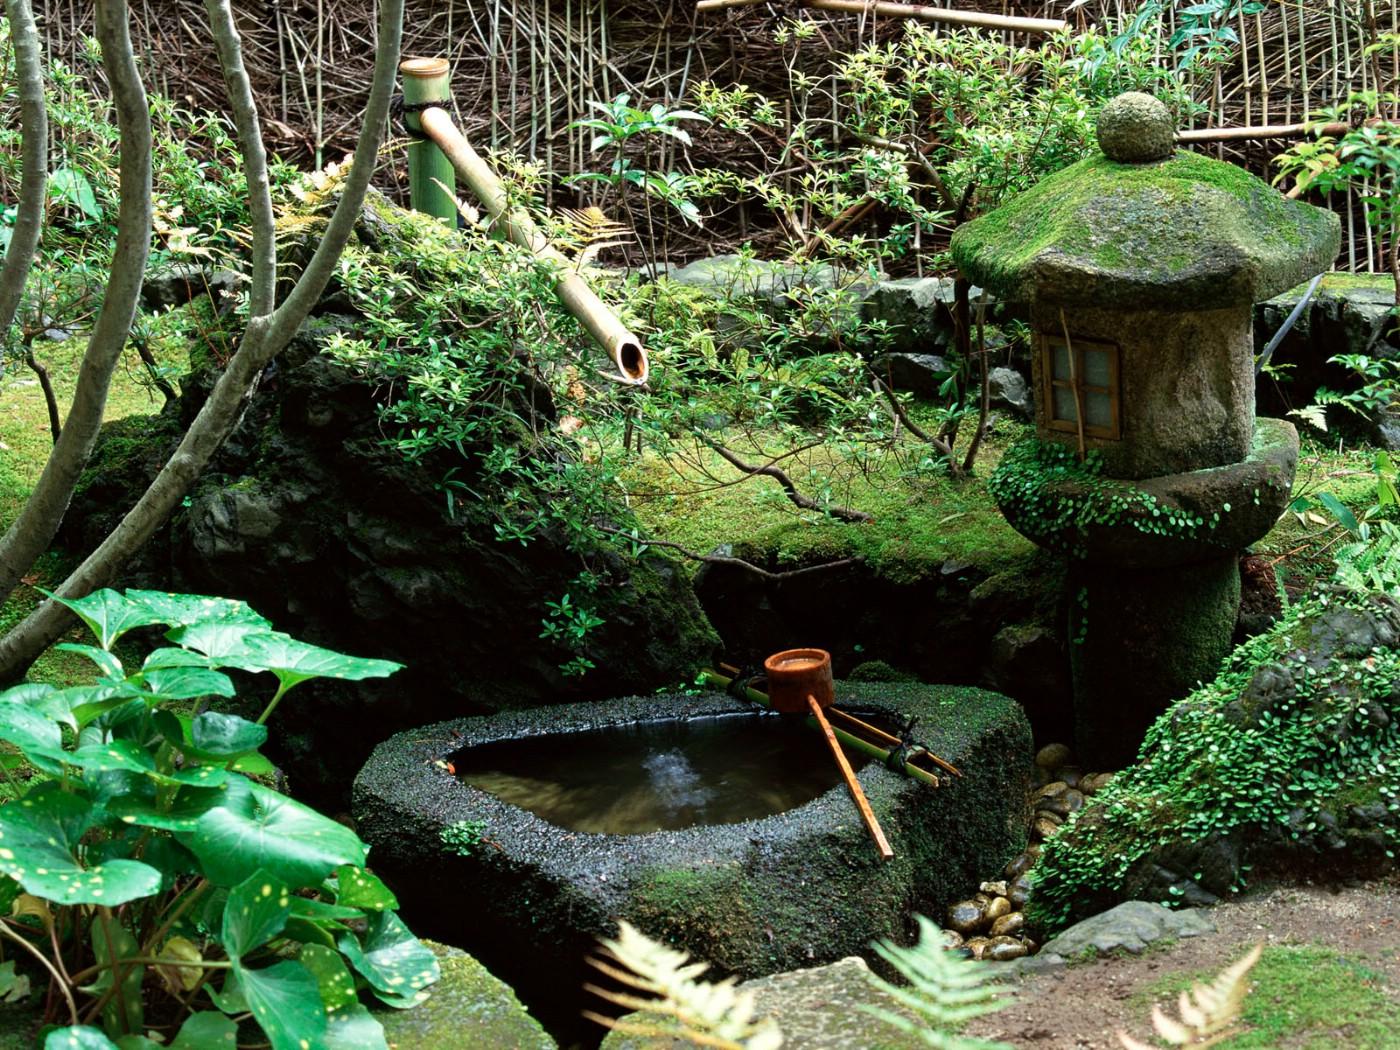 壁纸1400×1050日本京都市风景高清壁纸